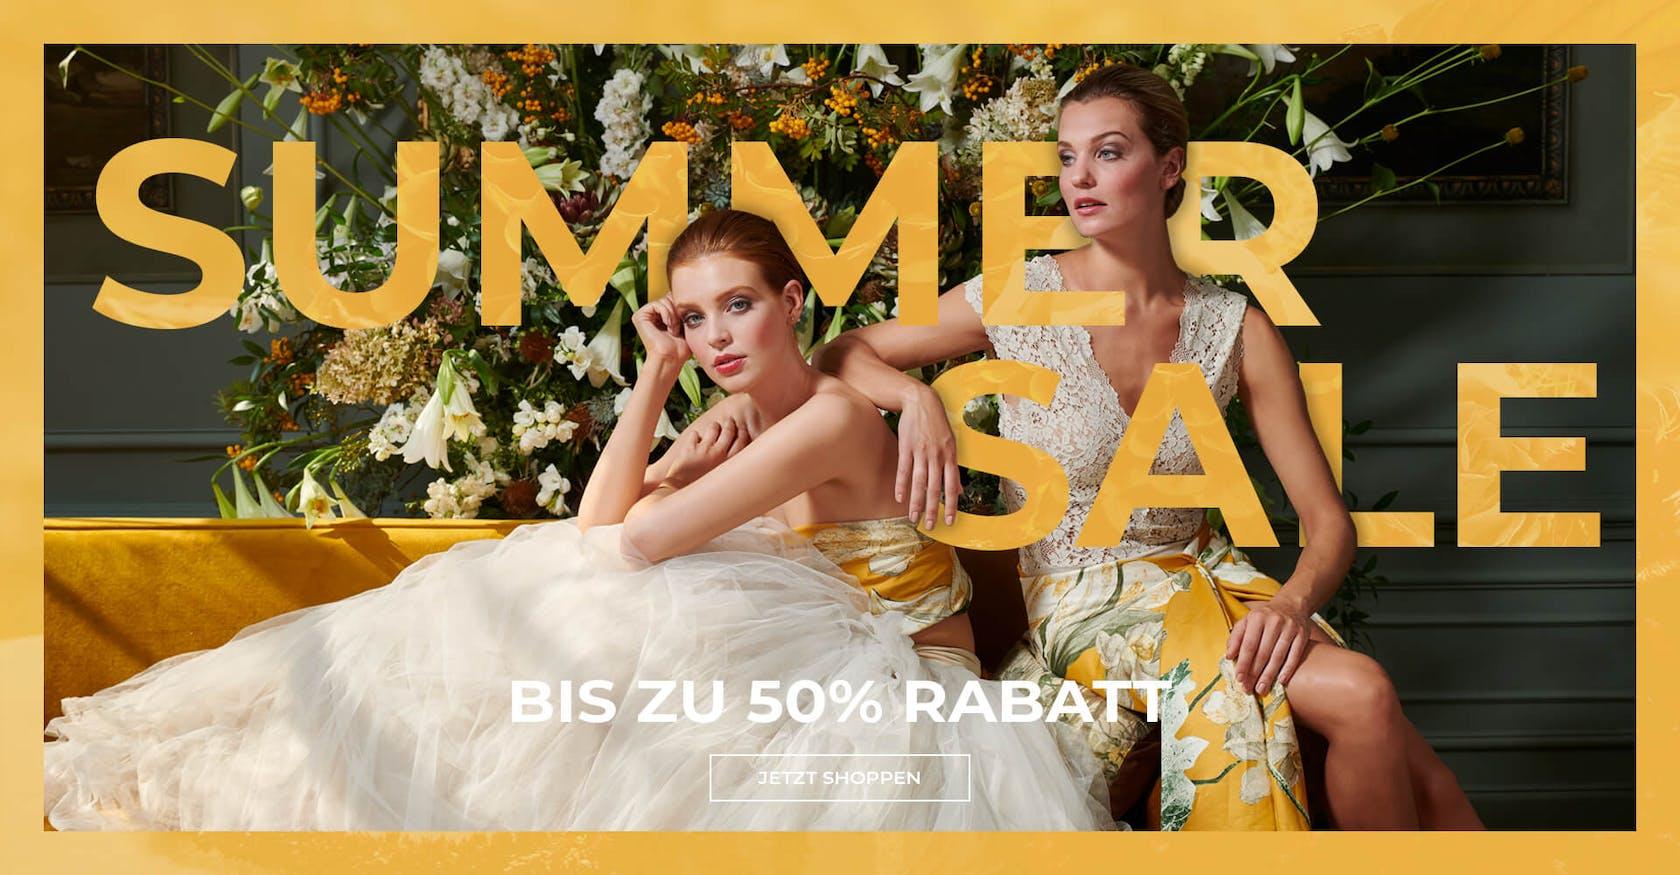 ESSENZA HOME - Summer Sale - Bis zu 50% Rabatt